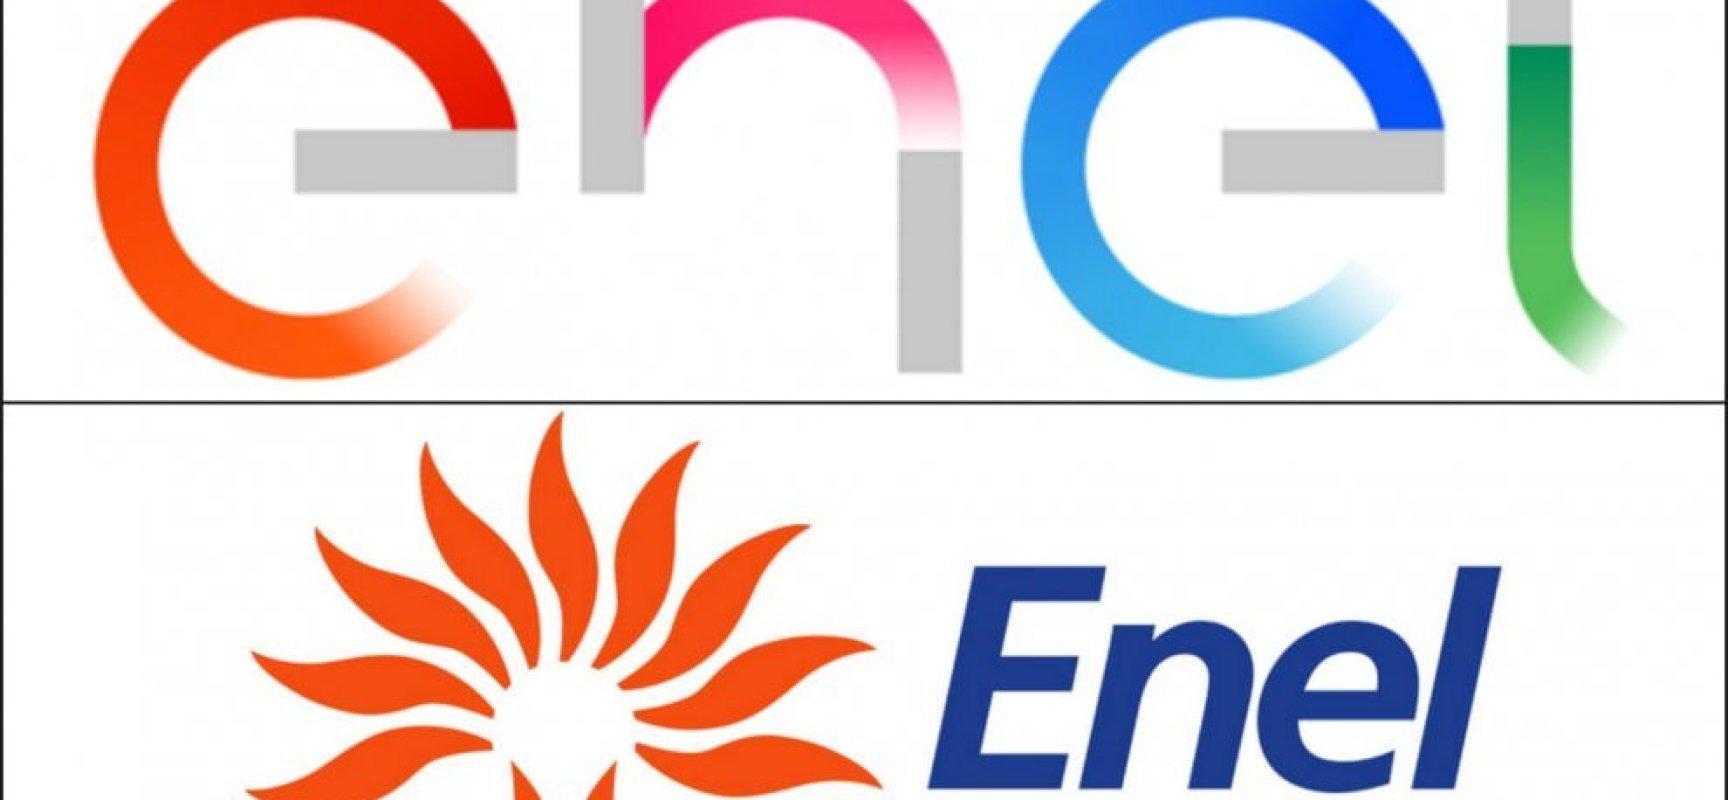 Conviene Enel Energia O Enel Servizio Elettrico Ecco Le Risposte